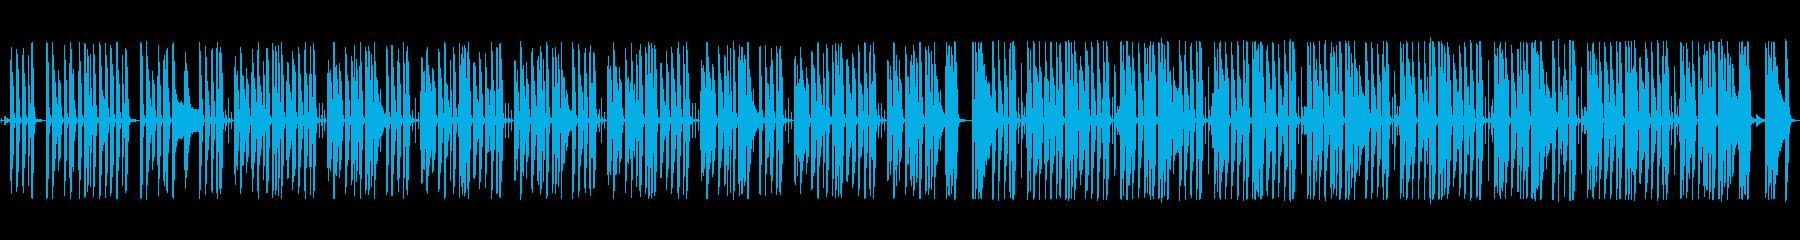 まったり・ぐだぐだな日常系ピアノ曲の再生済みの波形